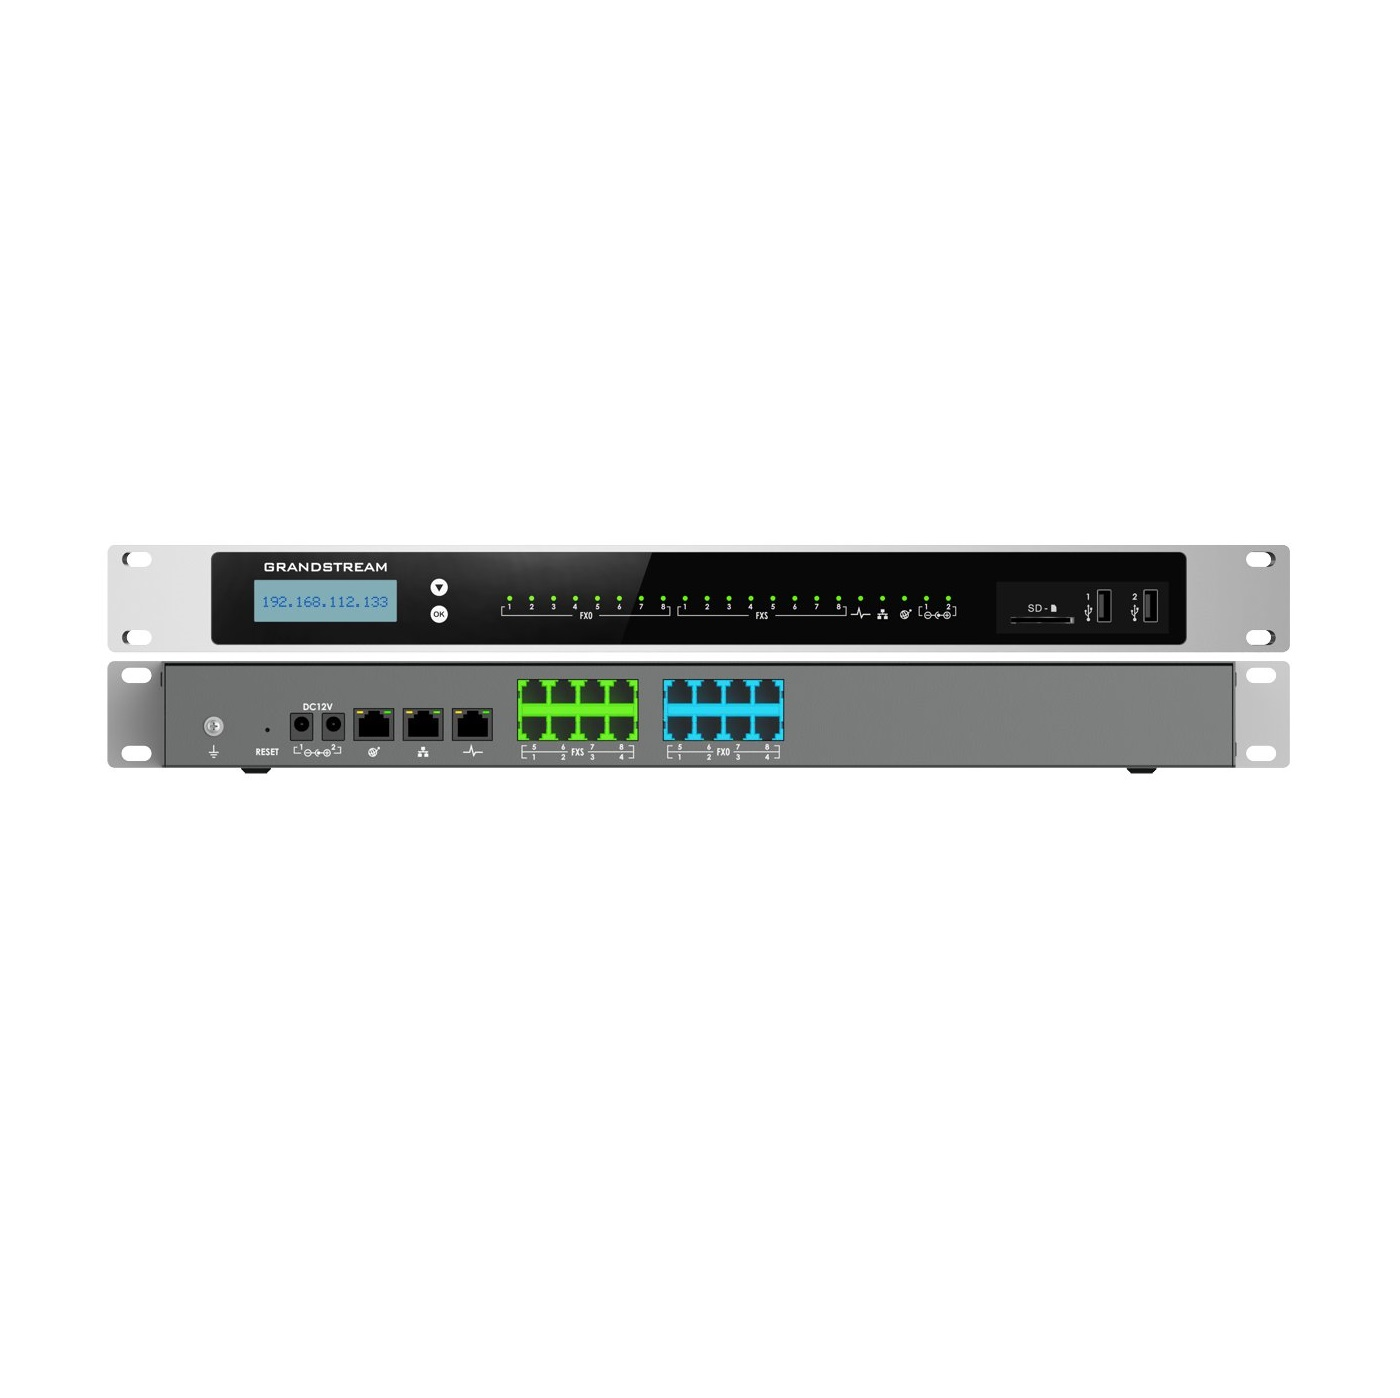 تصویر مرکز تلفن تحت شبکه و IP-PBX گرند استریم UCM6308